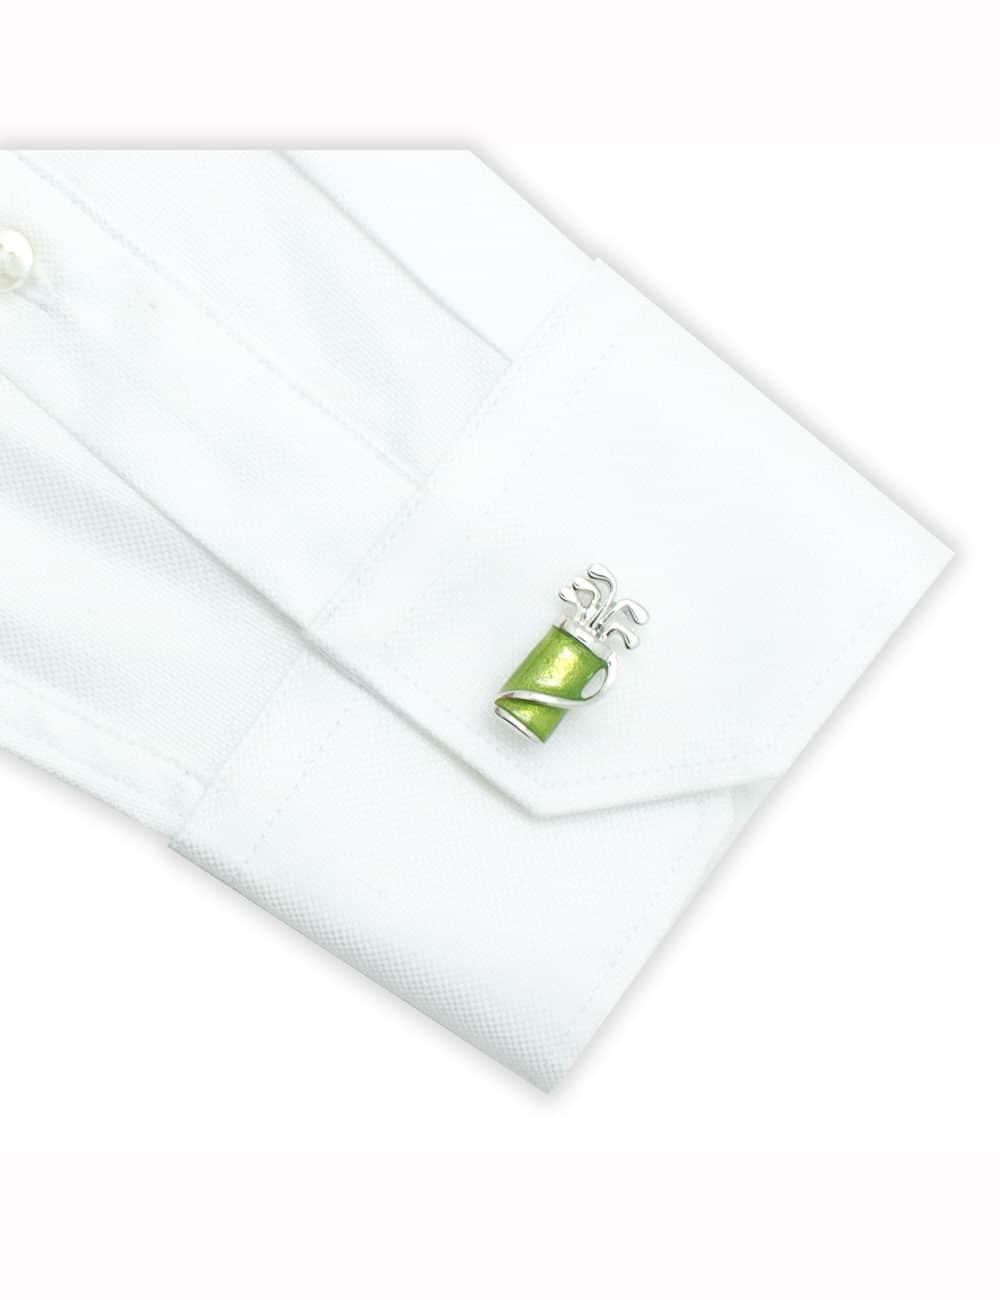 Green Golf Set Cufflink 0111-013B